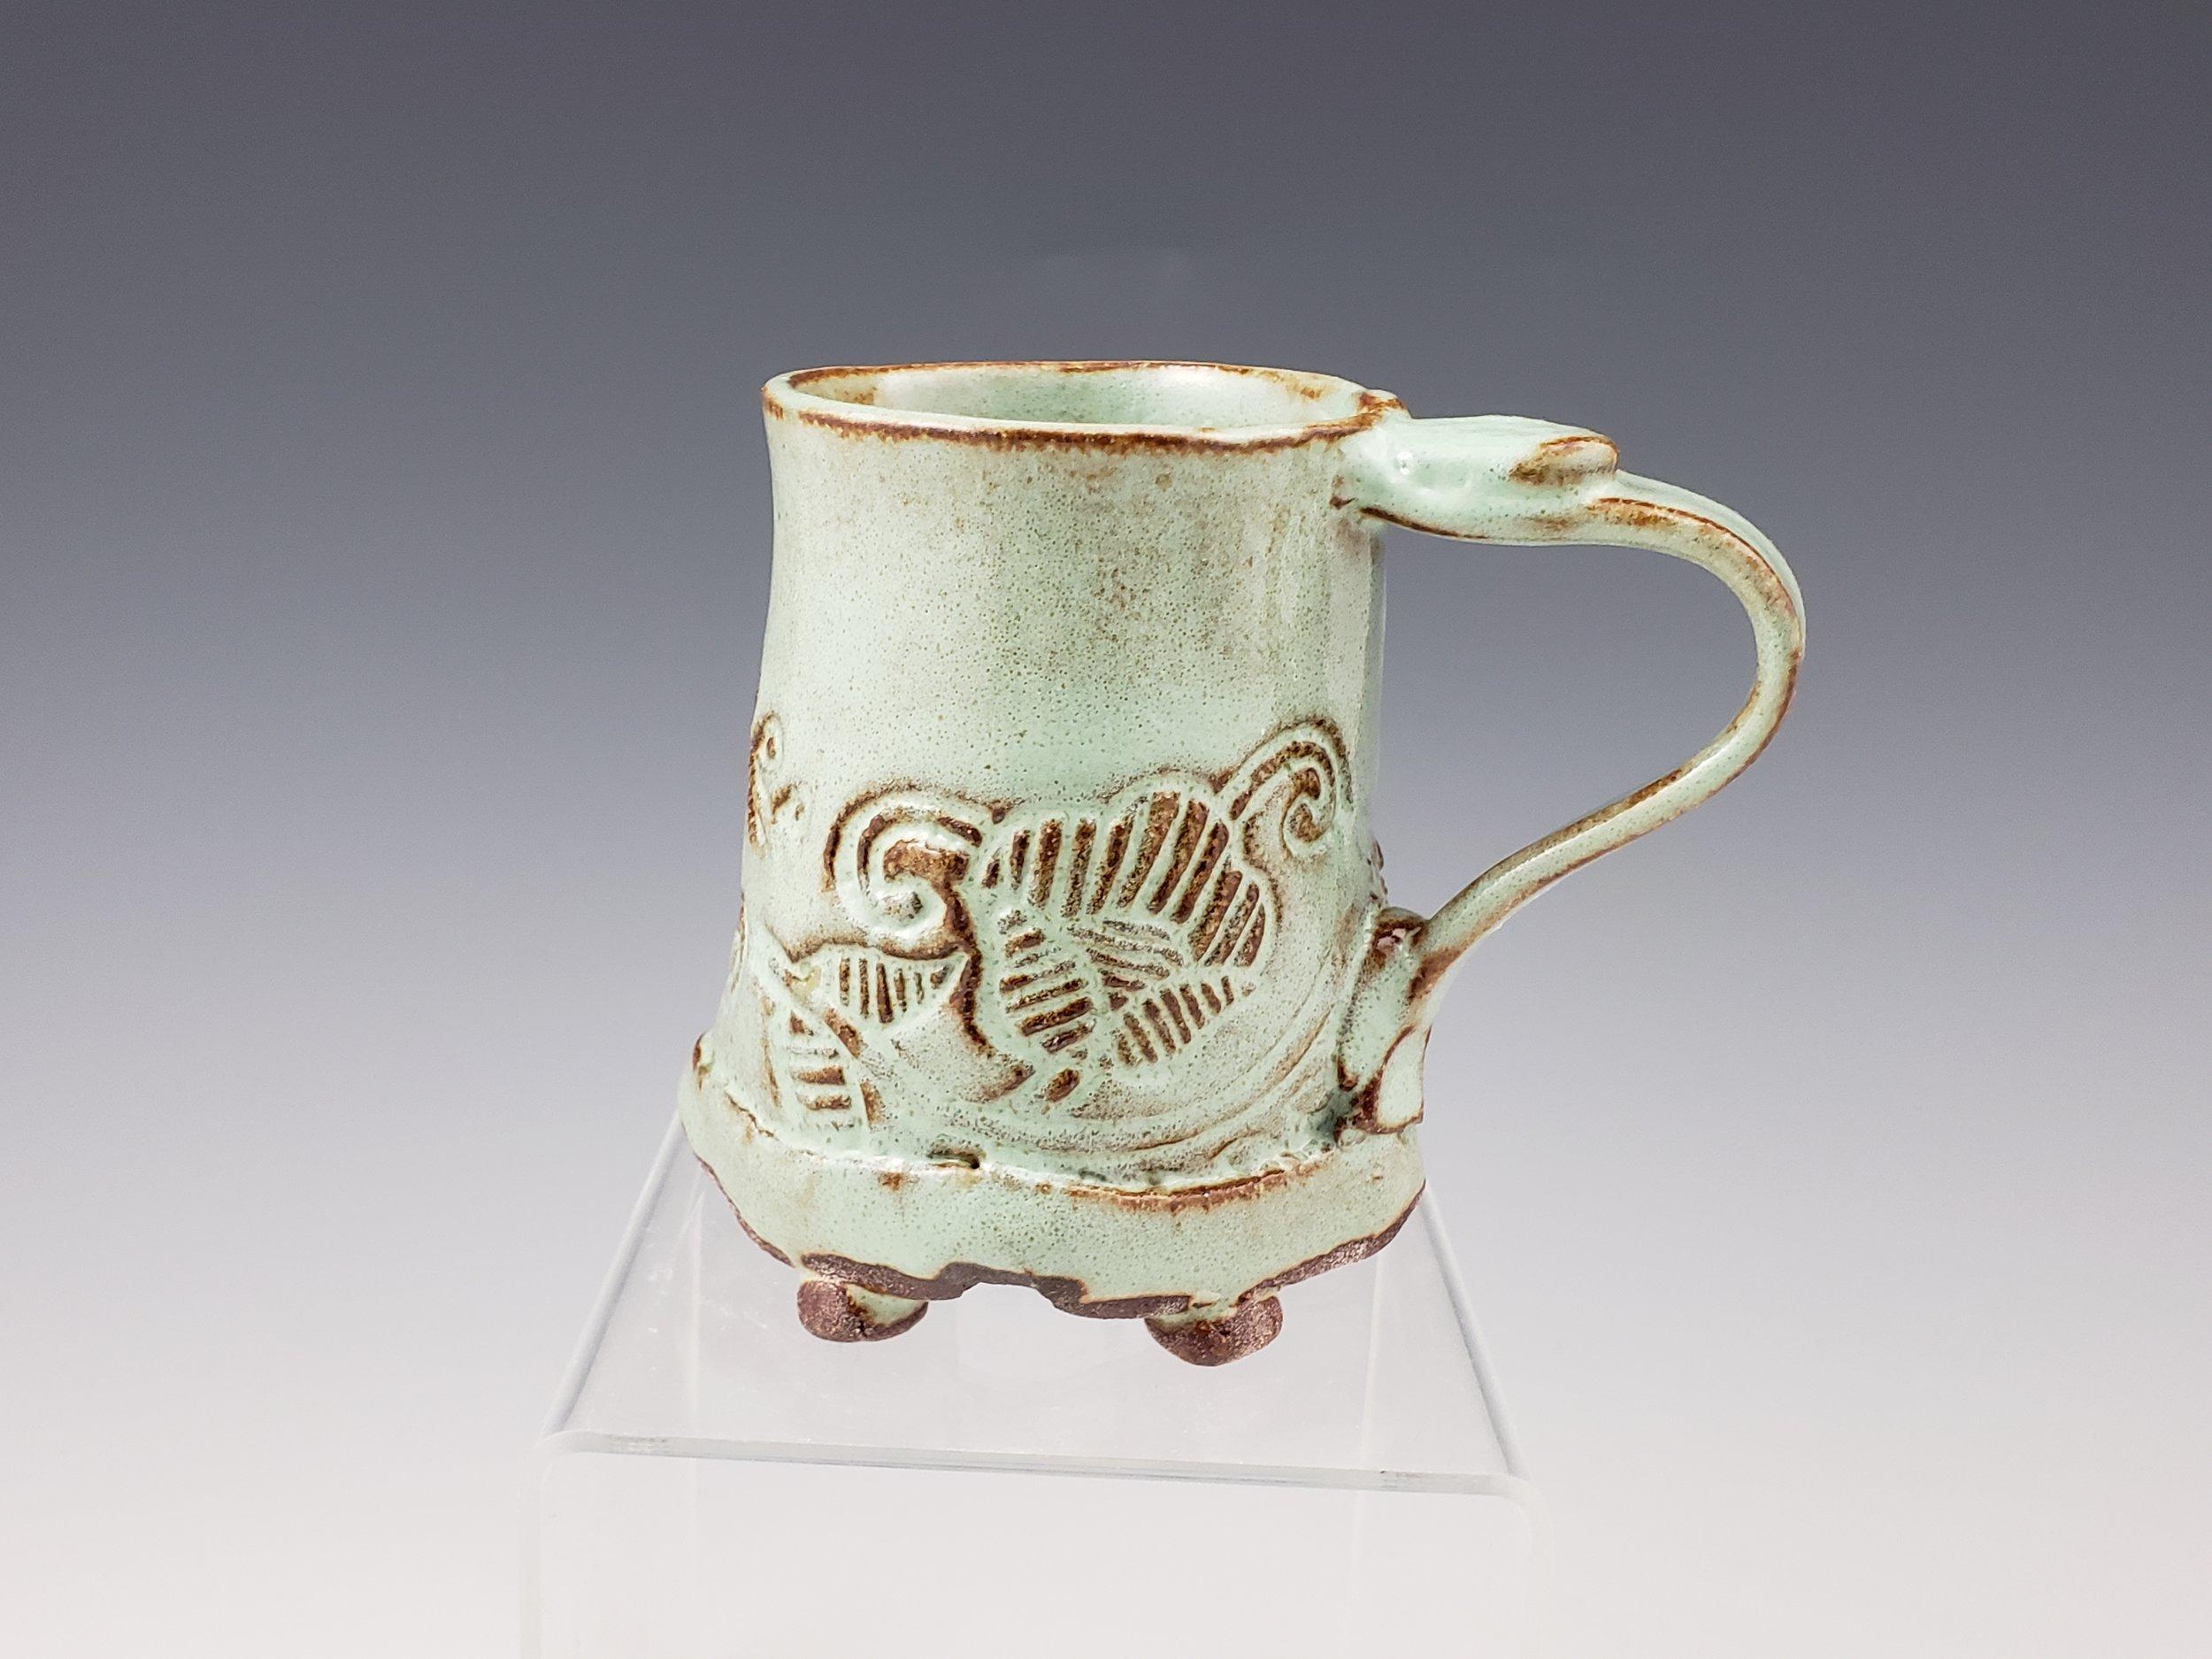 Slab aqua cup $30